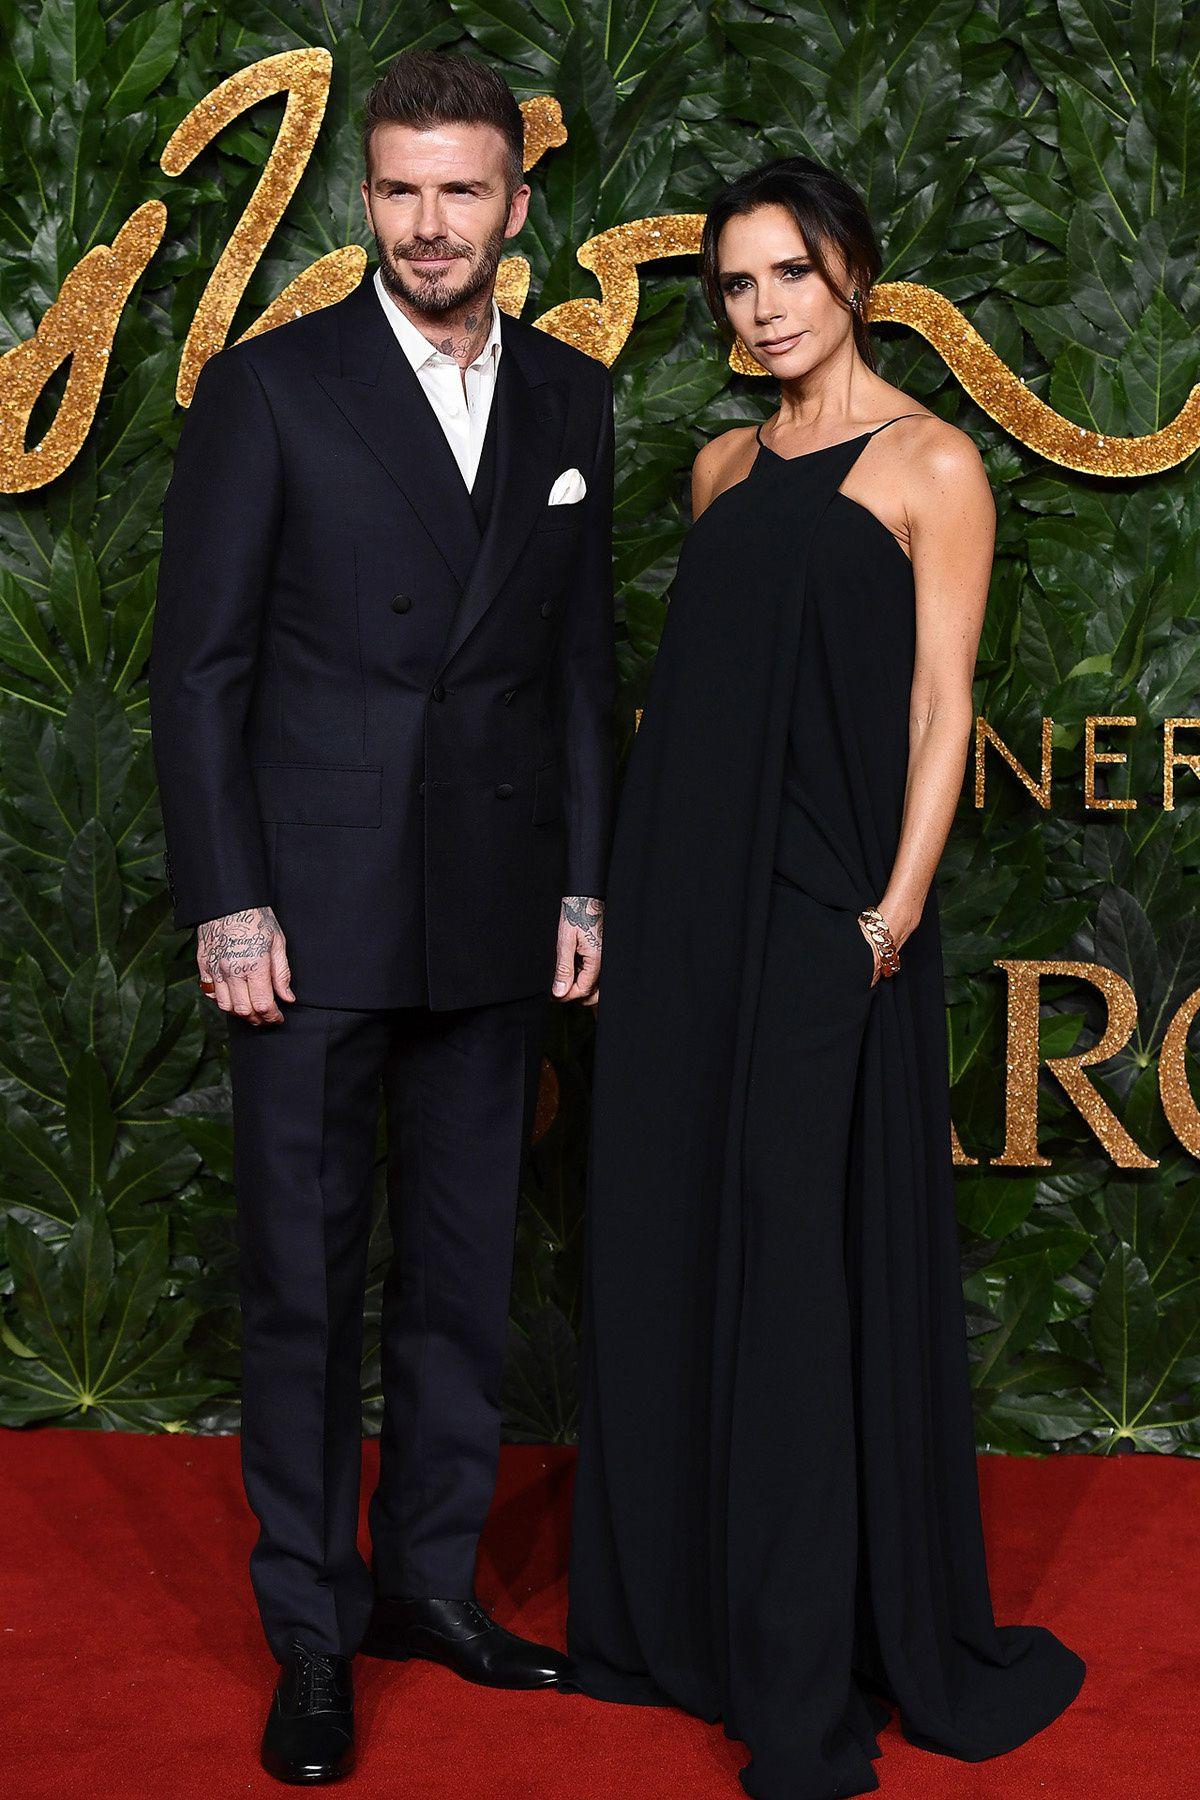 Victoria y David Beckham - British Fashion Awards 2018   Celebrity ... de726136b986